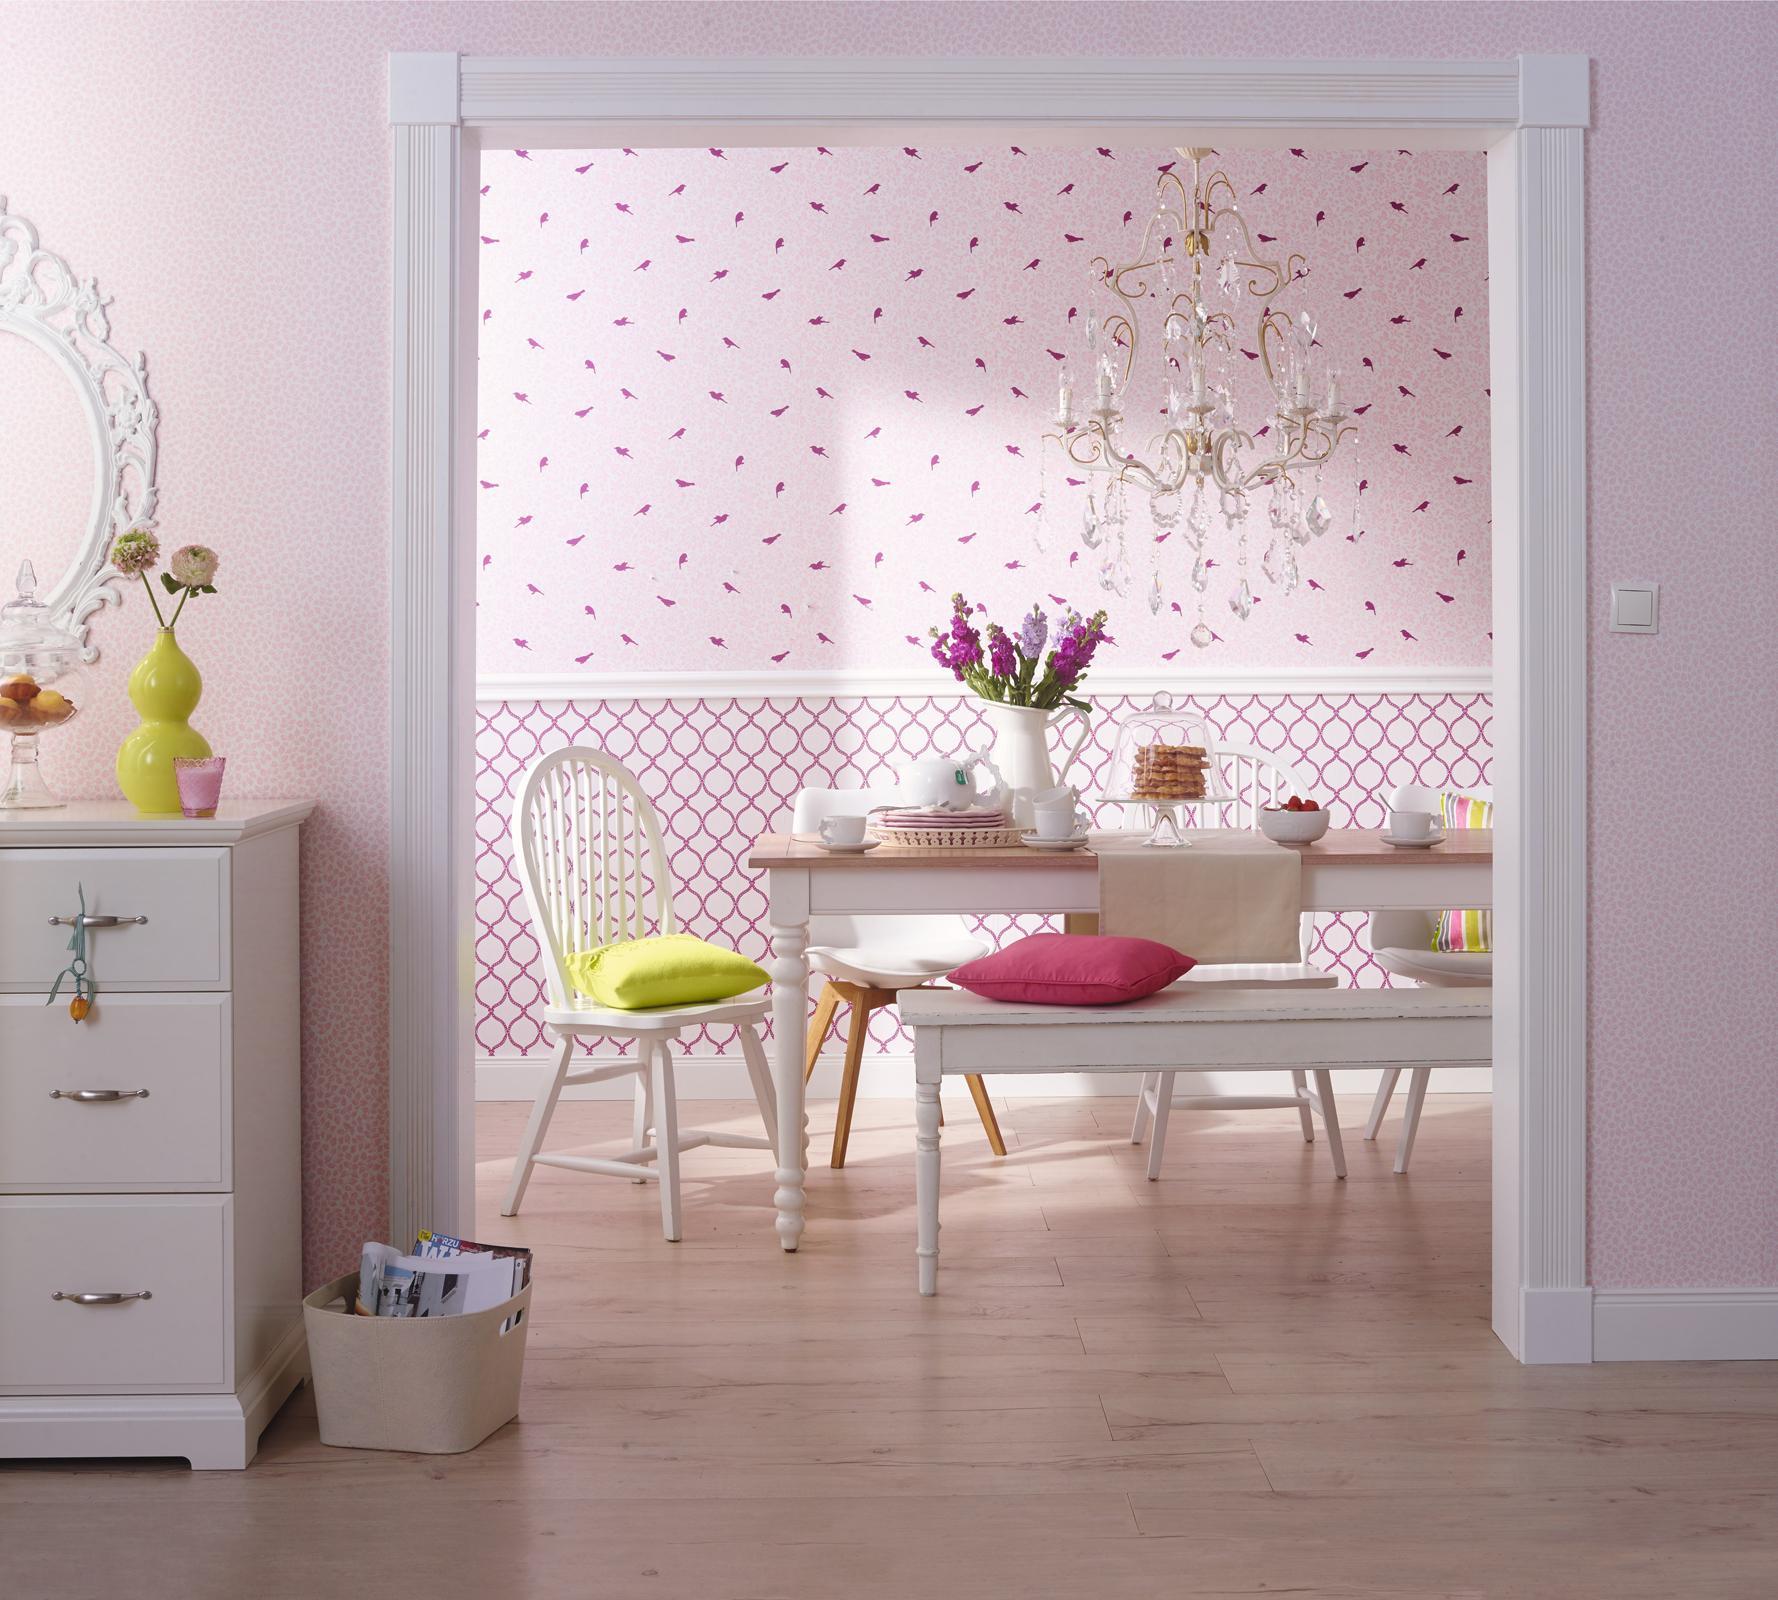 wohnzimmergestaltung mustertapete bilder ideen. Black Bedroom Furniture Sets. Home Design Ideas